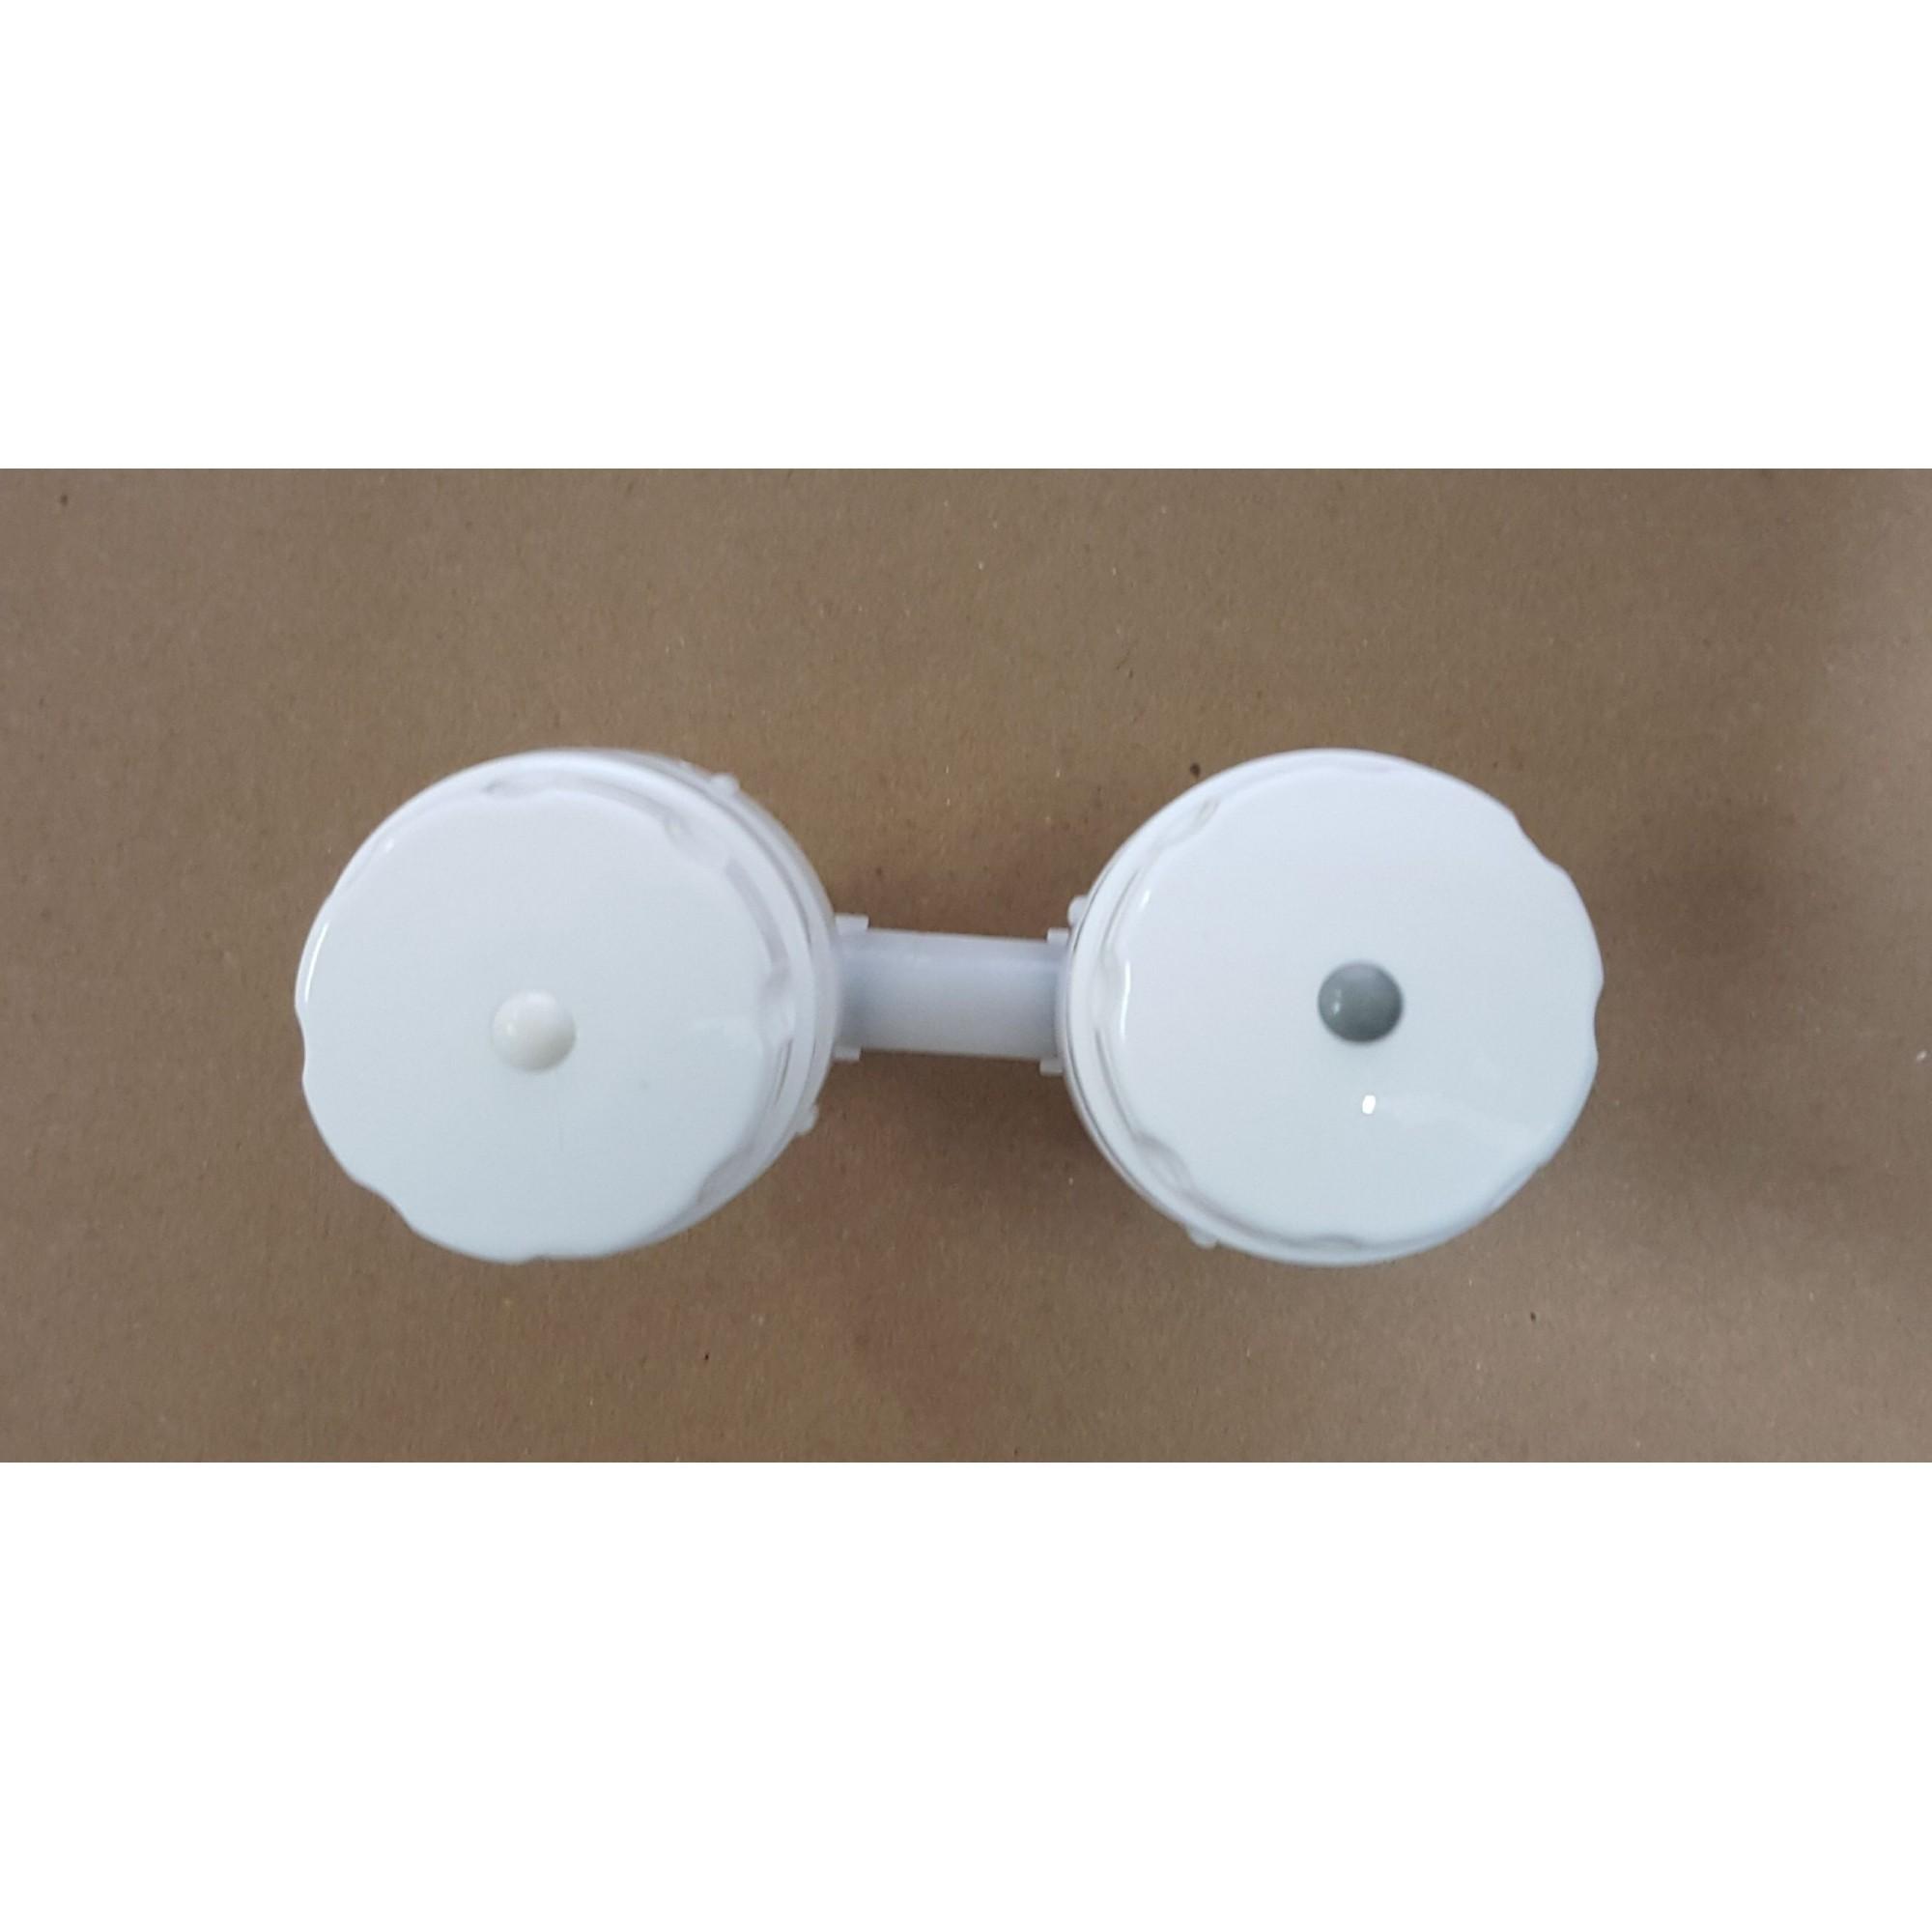 Conjunto Registro Manoplas Purificador Soft - Modelo Antigo - SLIM